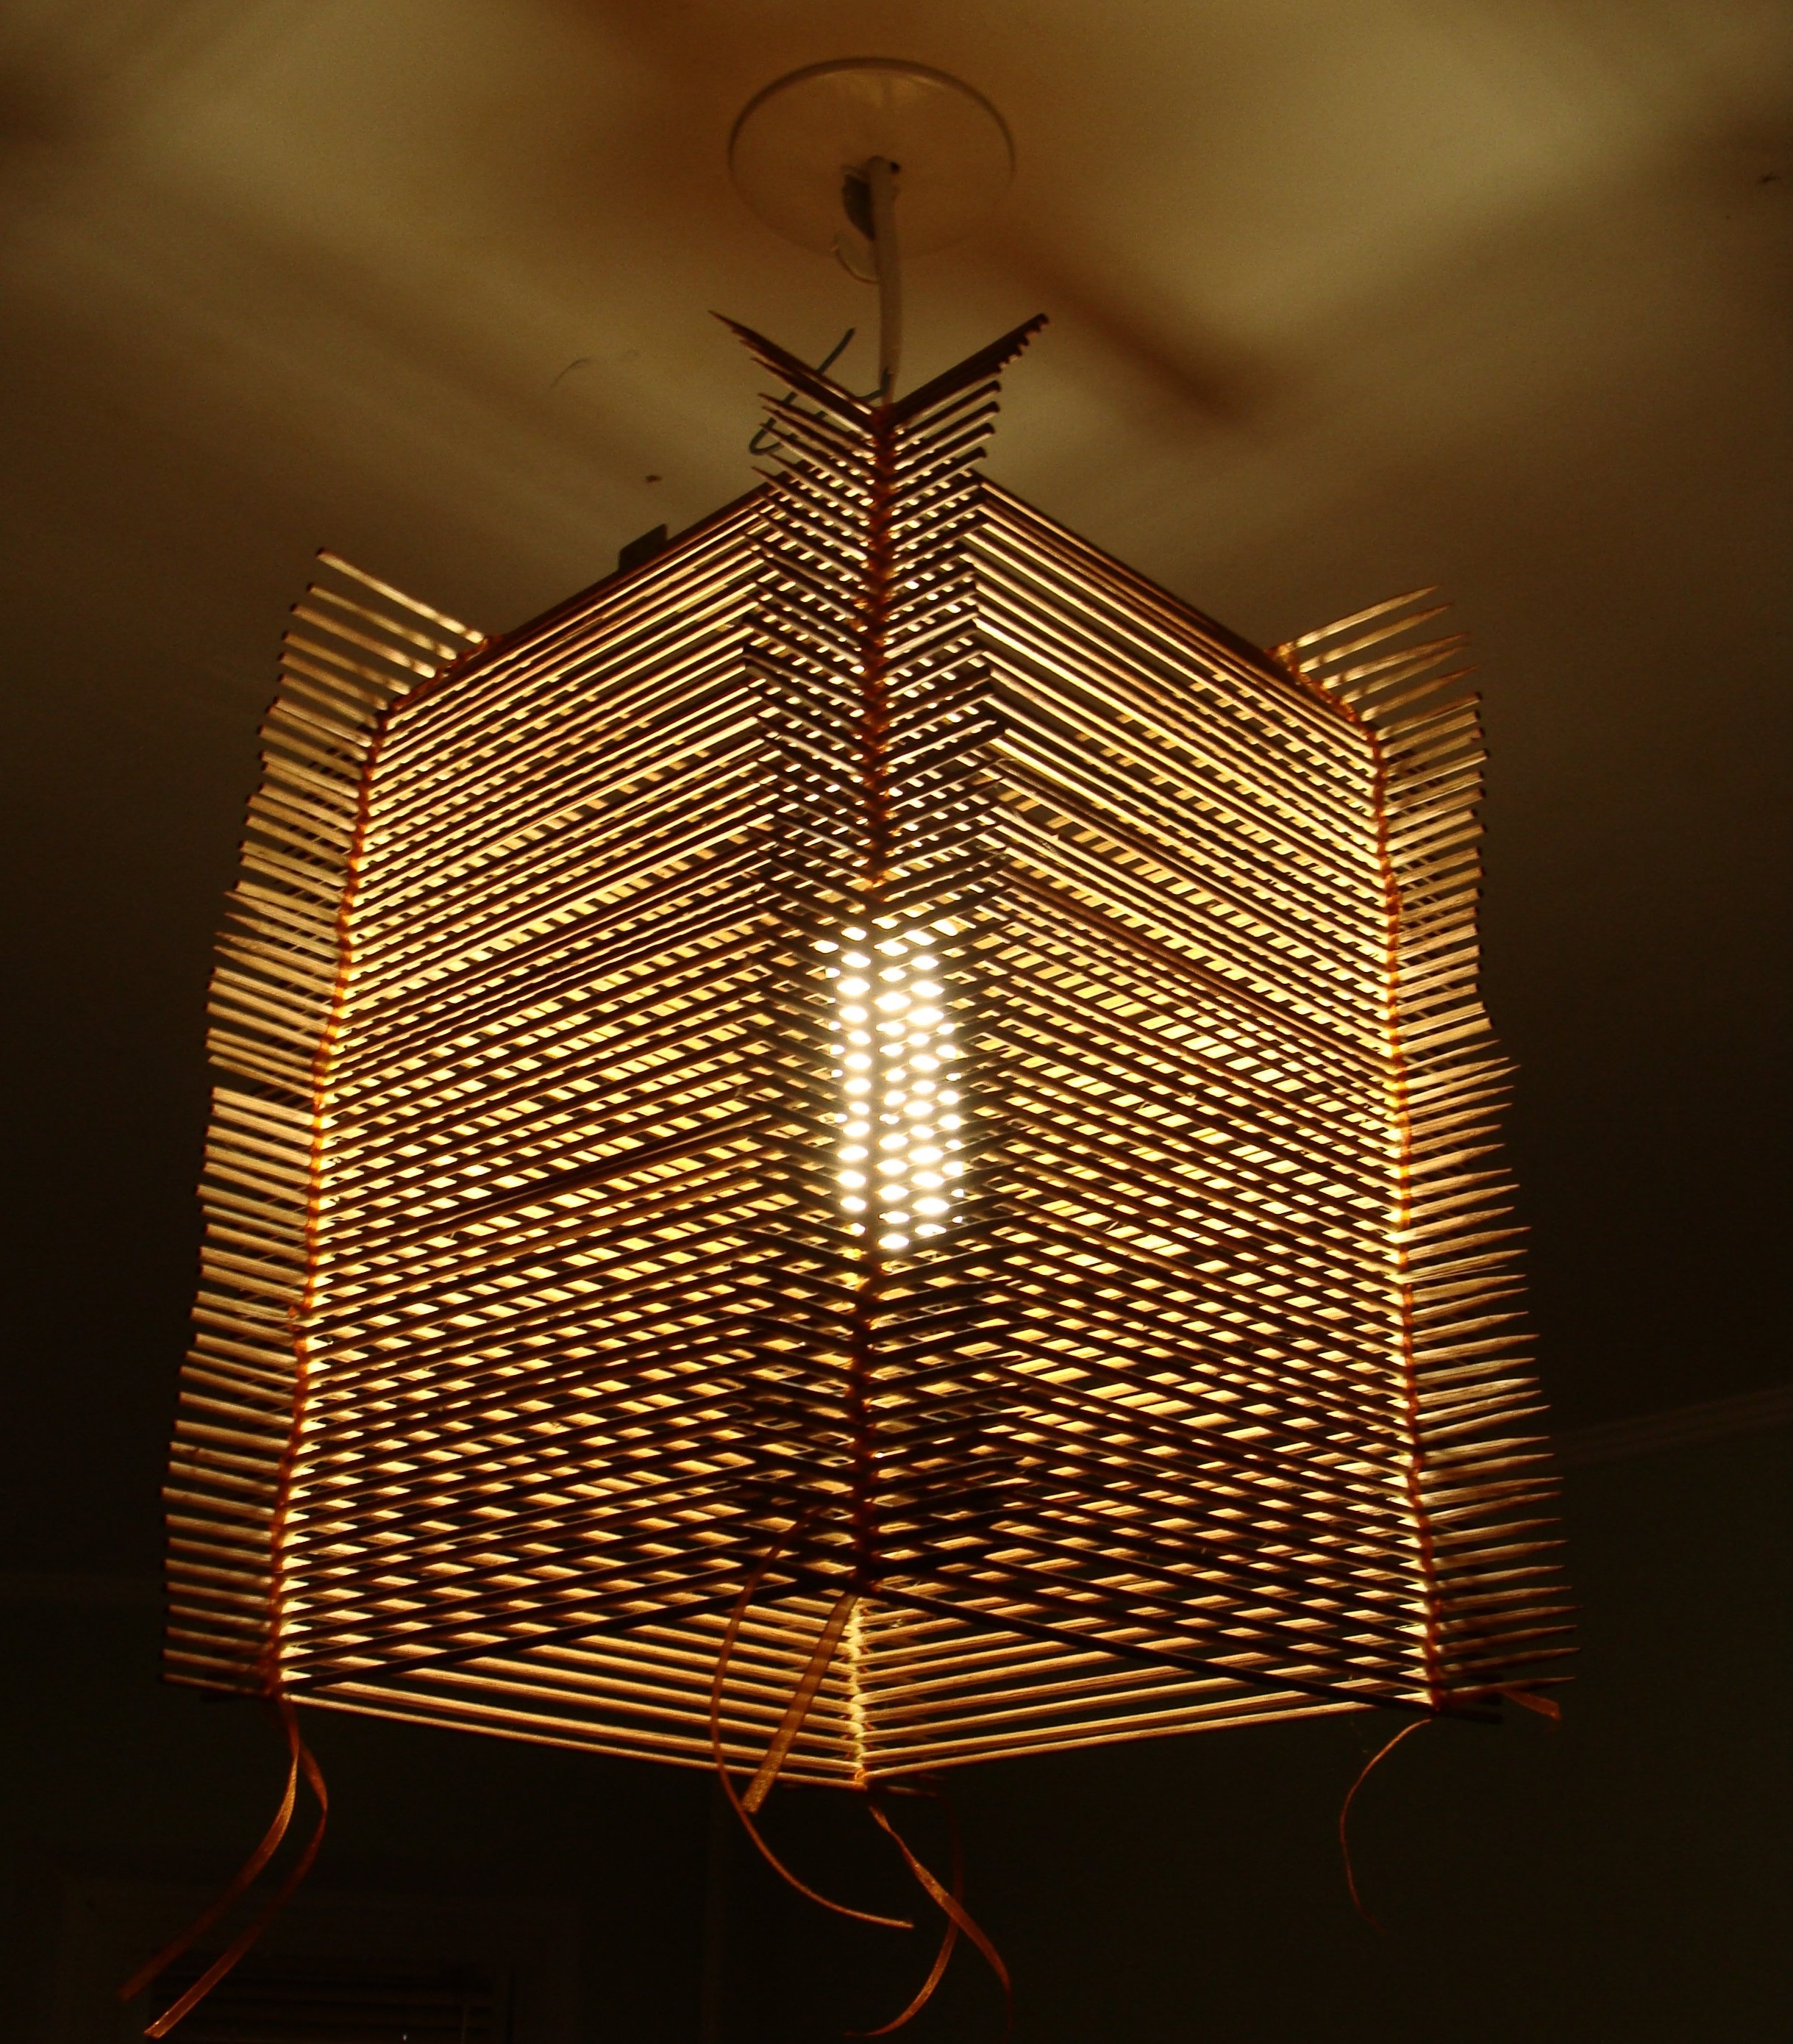 Бамбуковая люстра своими руками